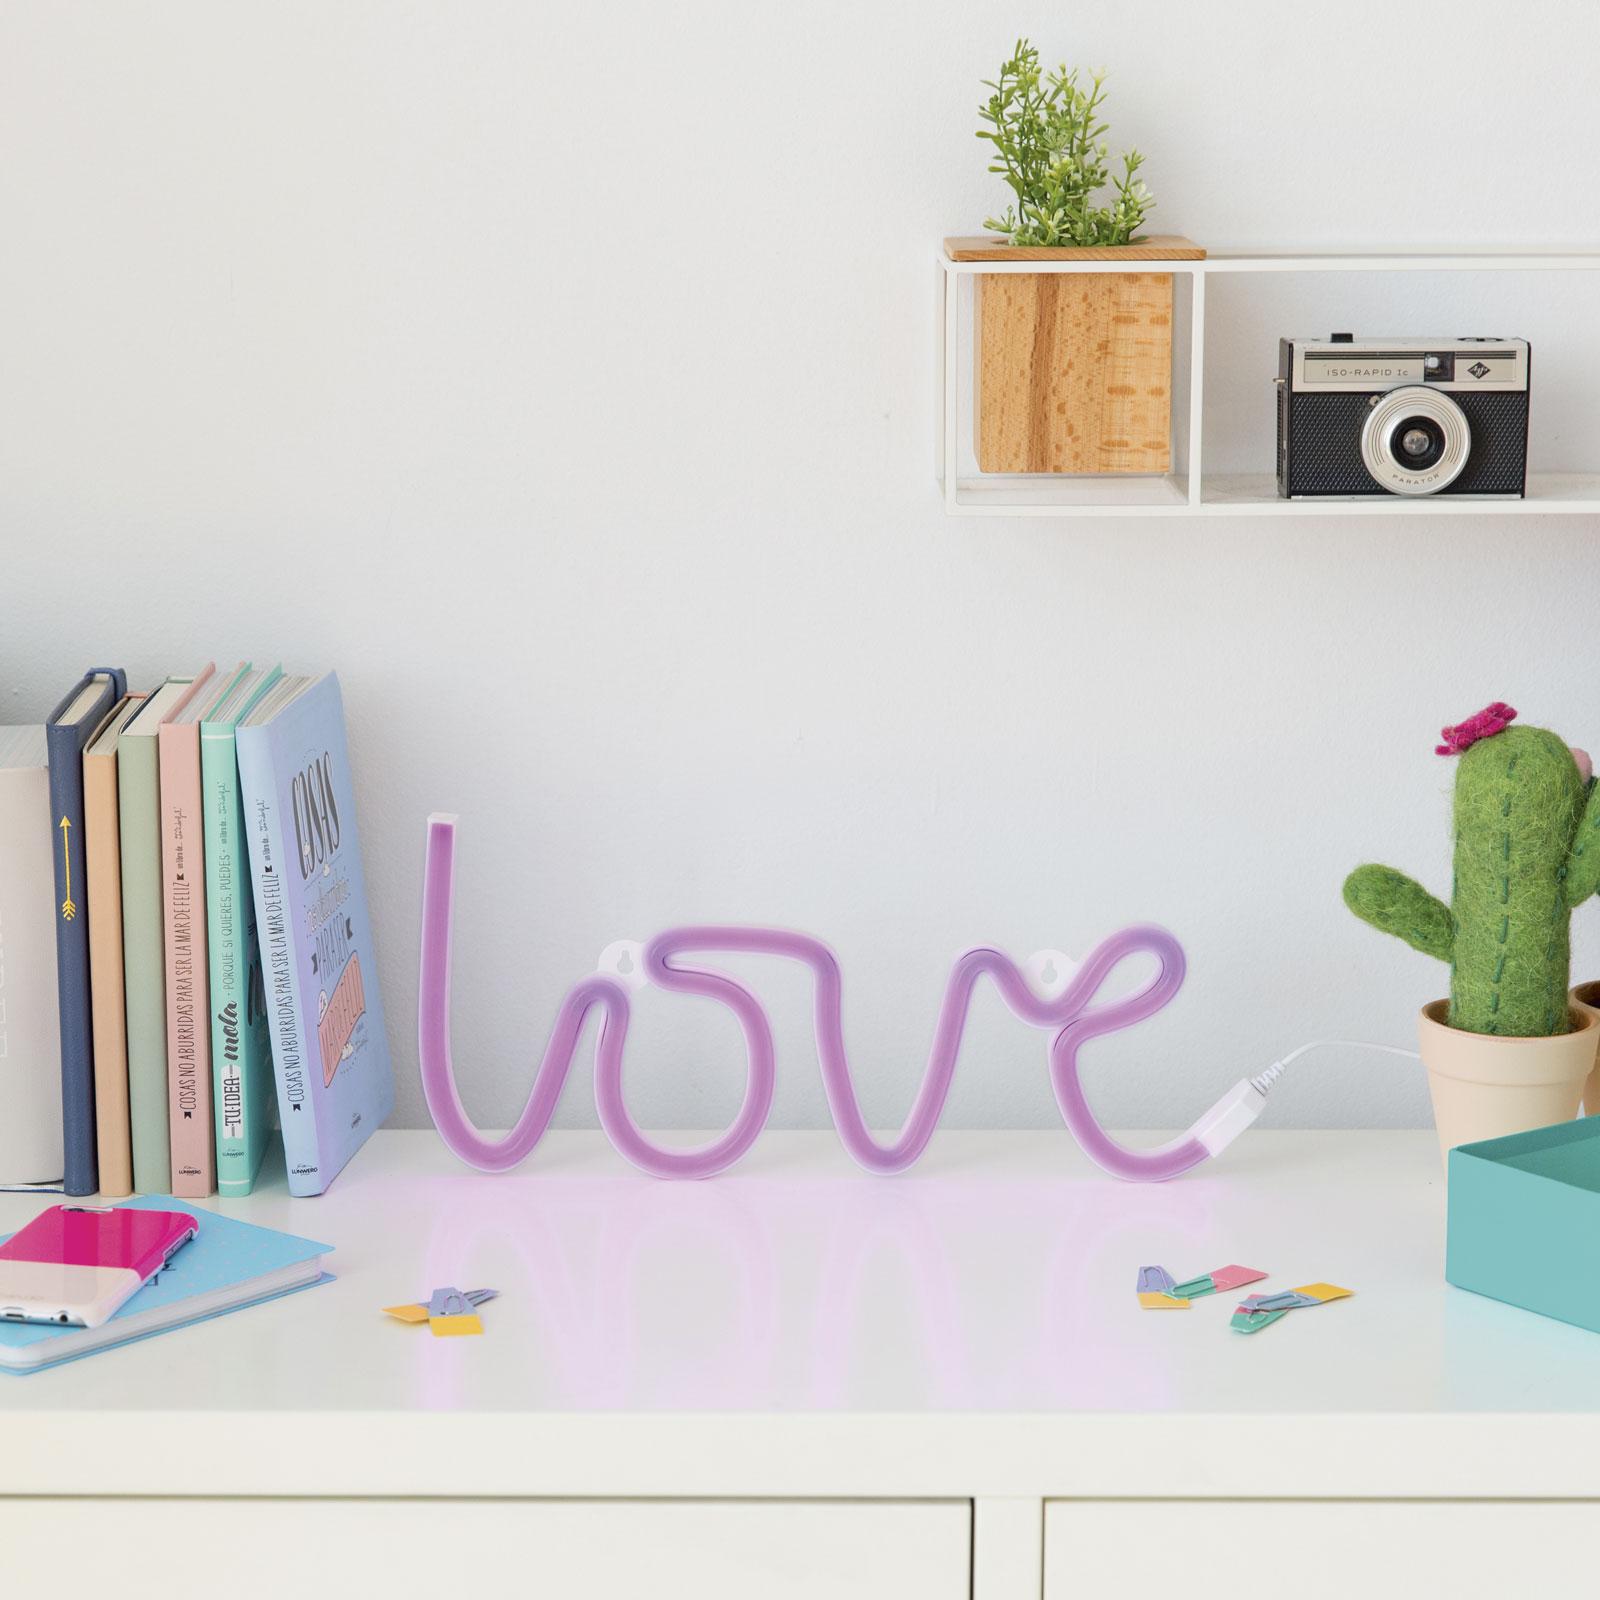 C mo decorar la pared y sumar personalidad a tu casa sin - Neones decorativos ...